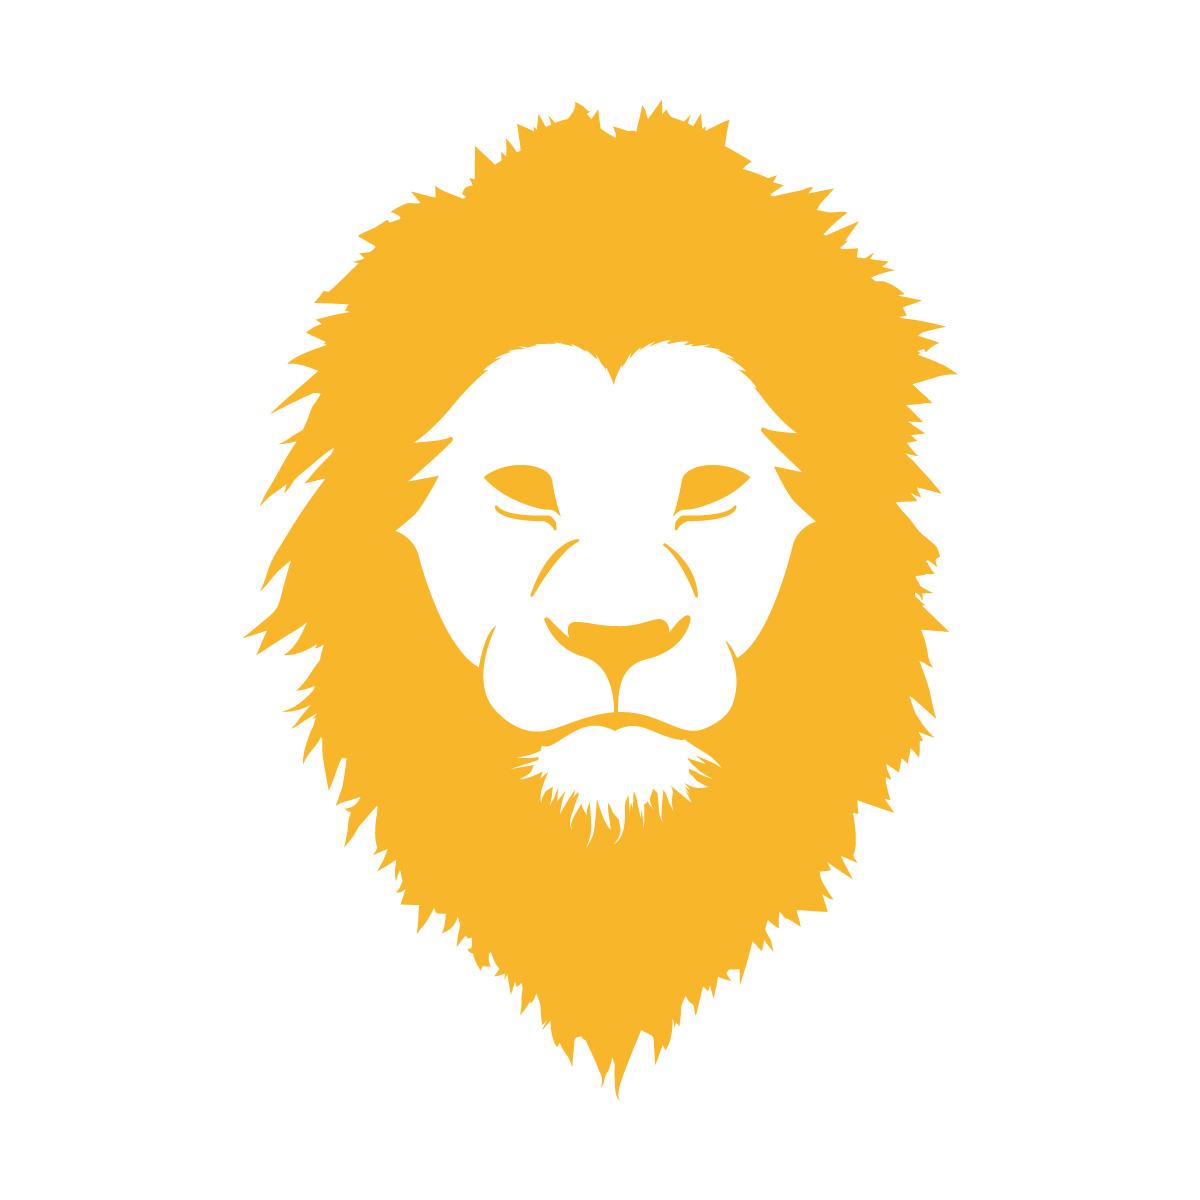 黄色のライオン シール ステッカー カッティングステッカー かっこいい 獅子 光沢タイプ・防水 耐水・屋外耐候3~4年